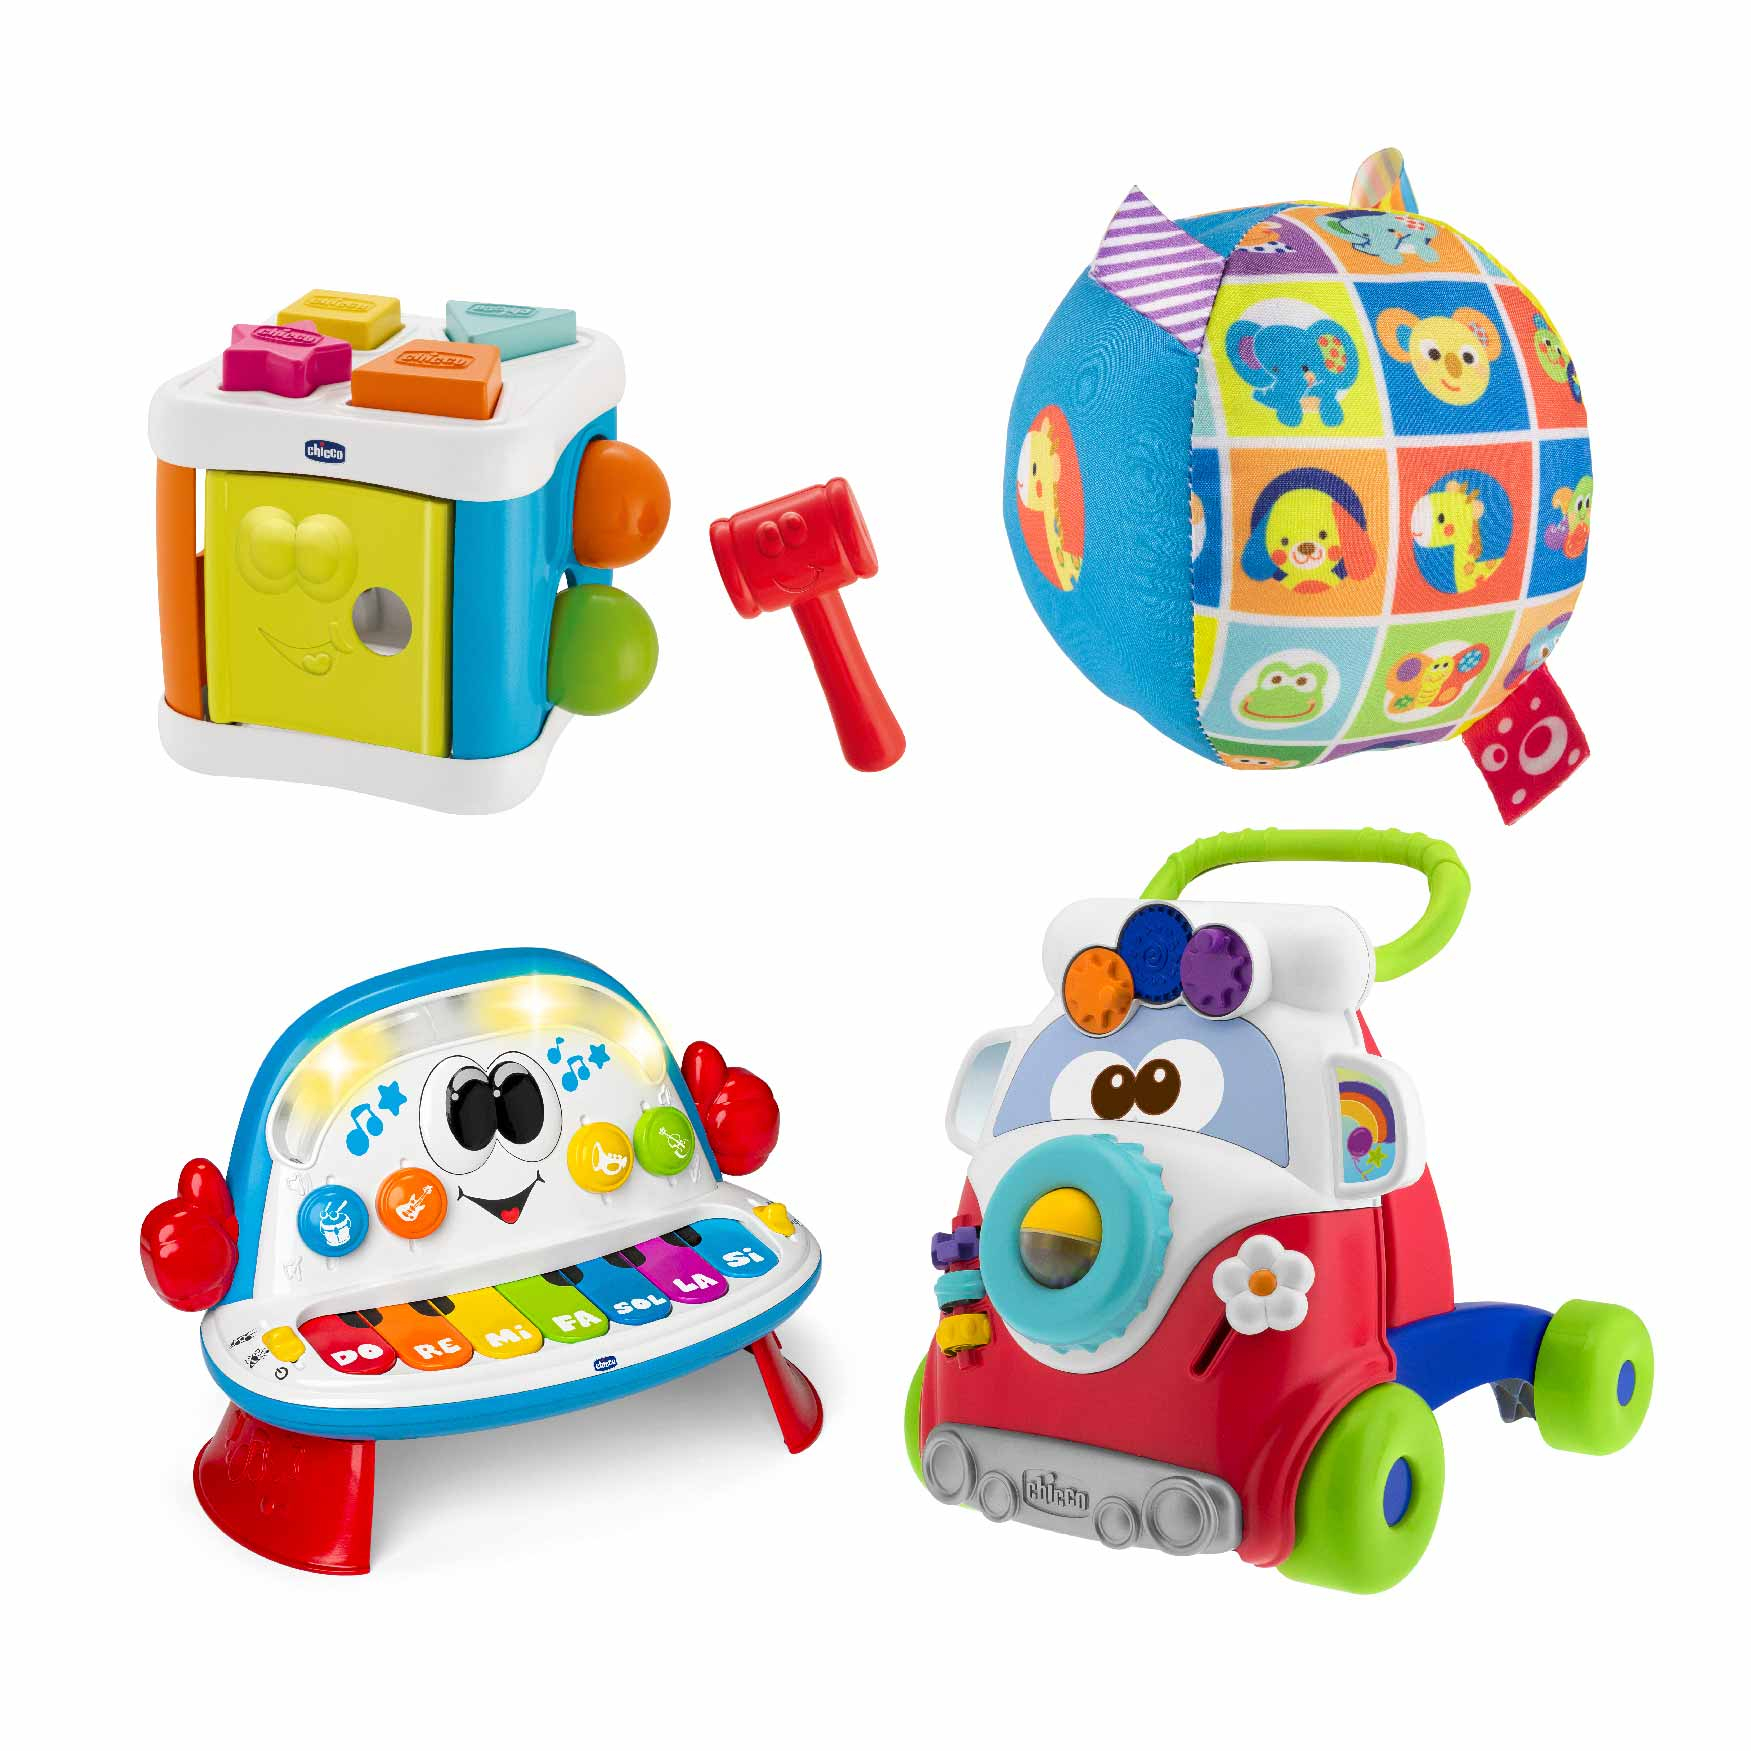 Brinquedos para estimular o crescimento